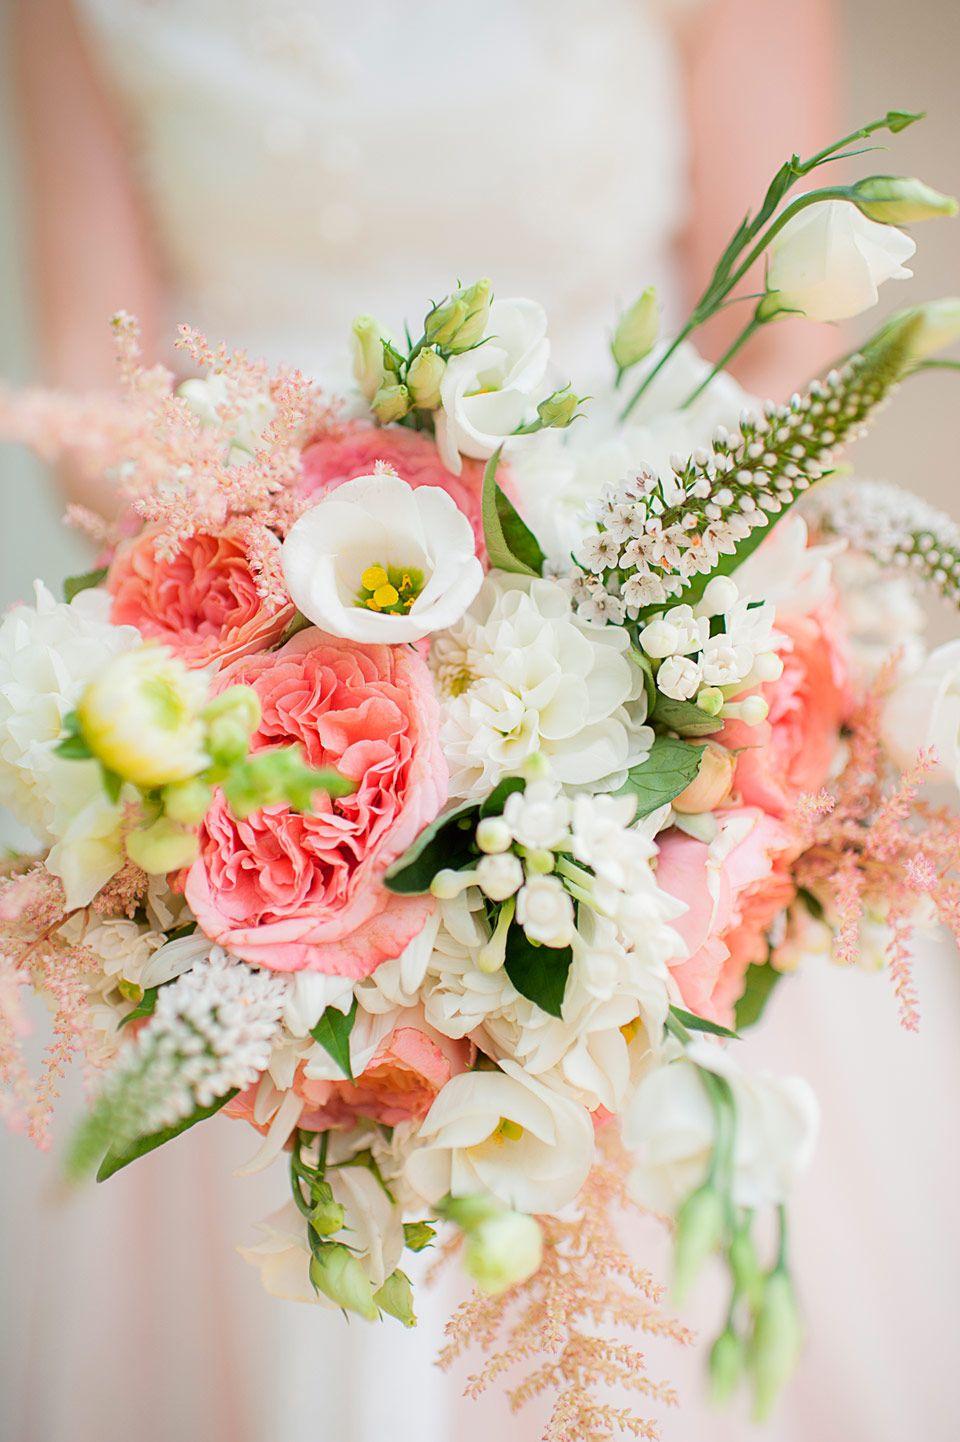 Blumenstrauß Strauß Hochzeit art floral Leipzig Brautstrauß Heirat Trauung Deko